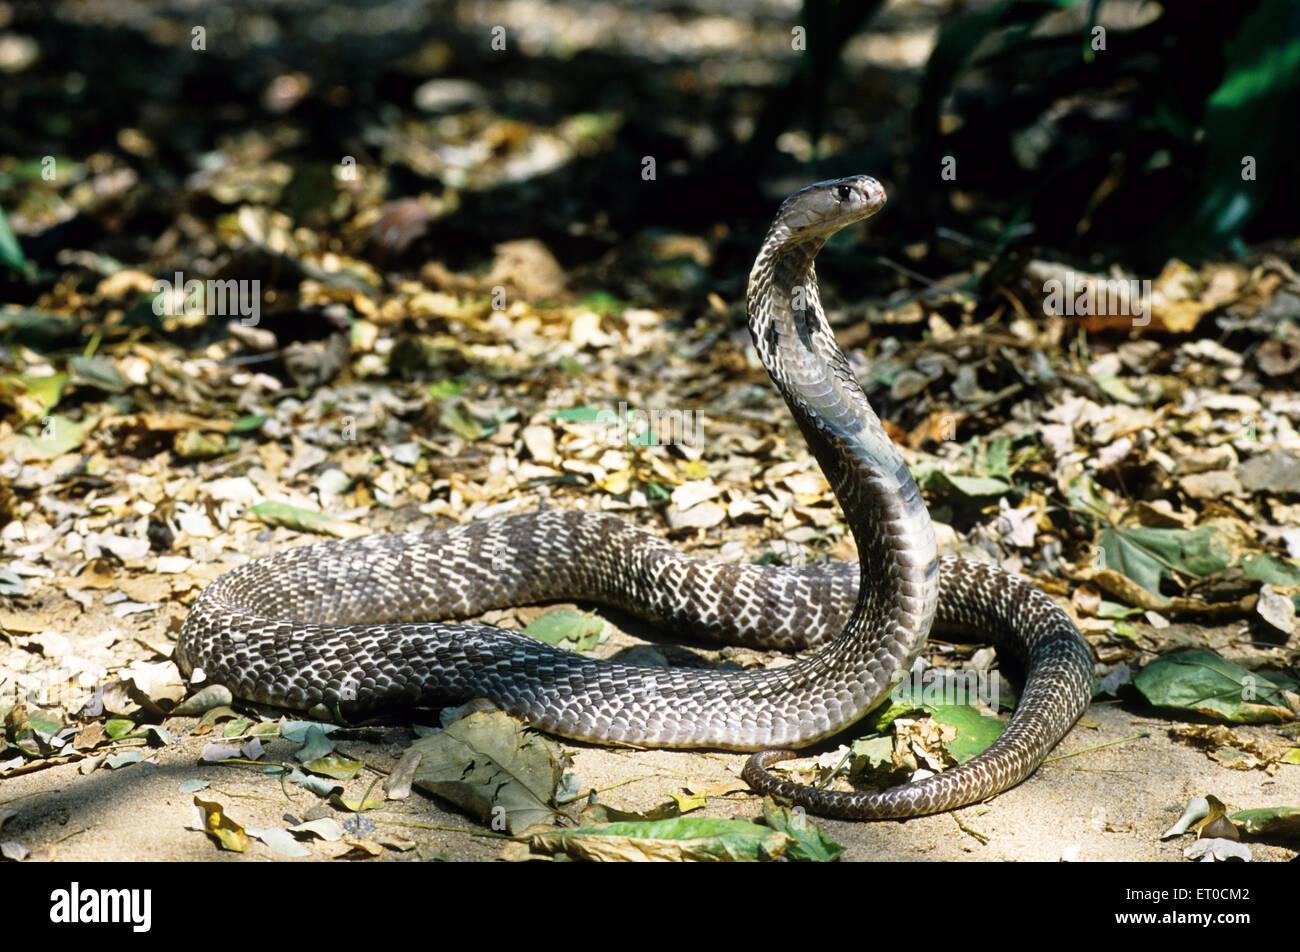 La serpiente India de cobra espectáculo Naja naja naja Foto de stock